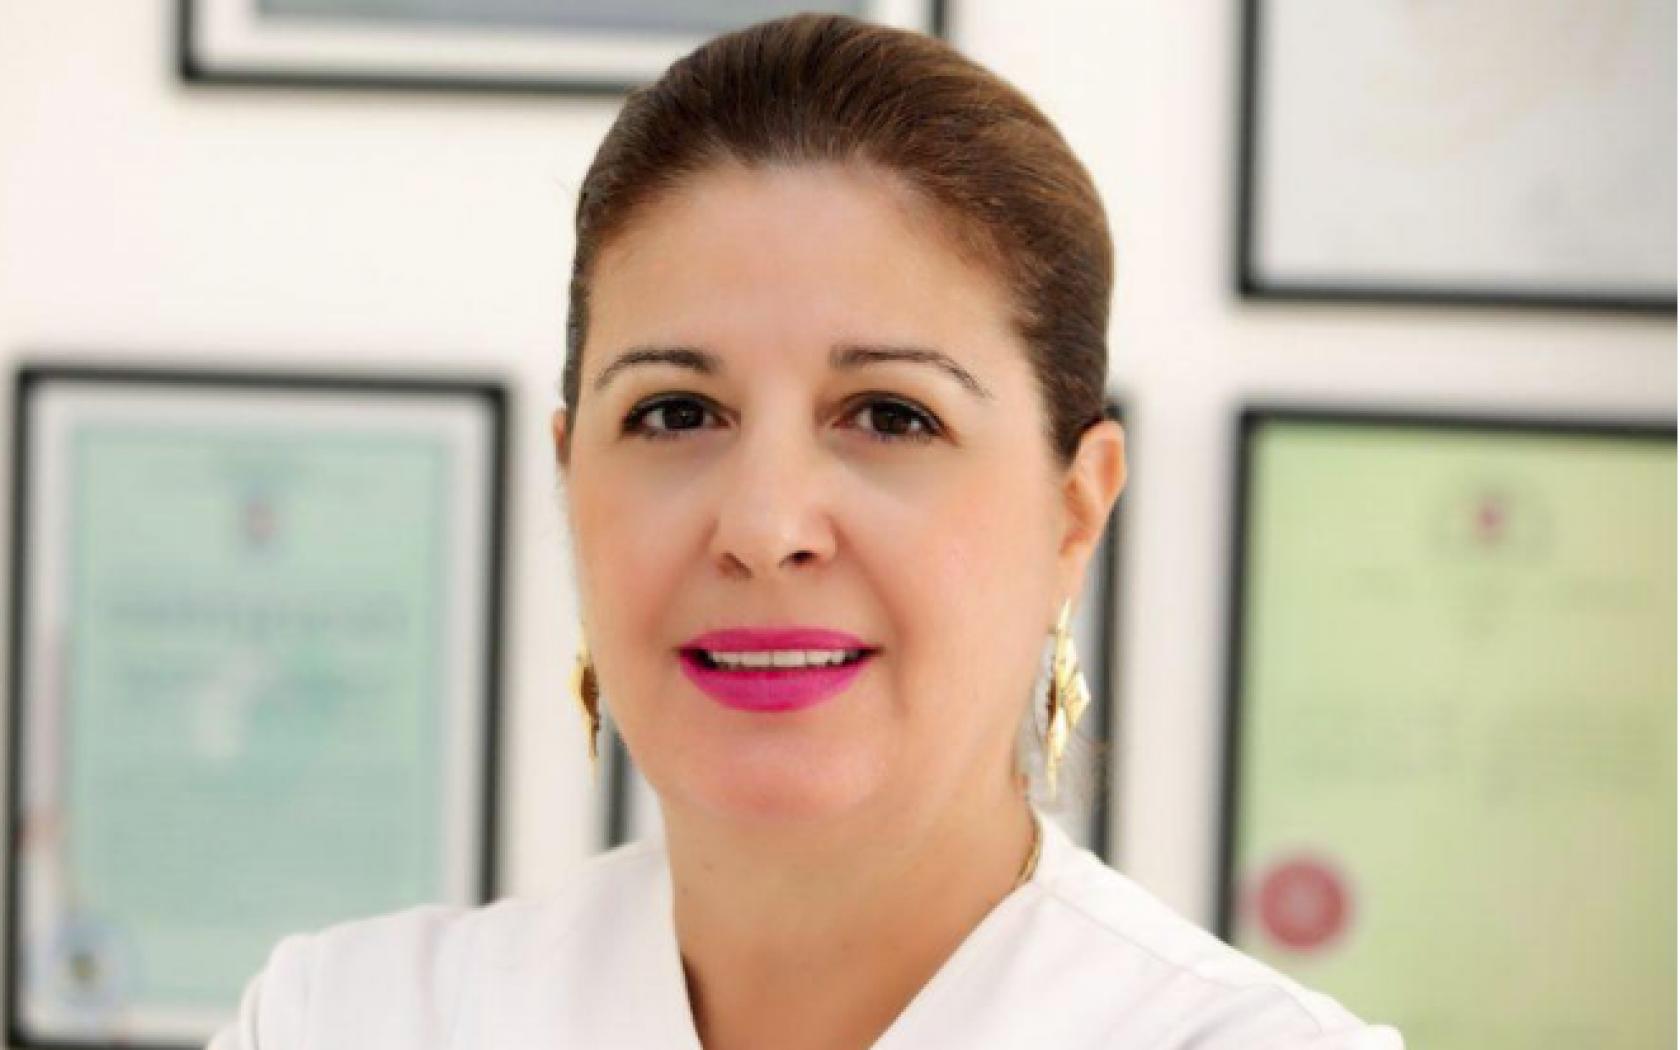 Νέα οδοντιατρική κλινική στην Γλυφάδα